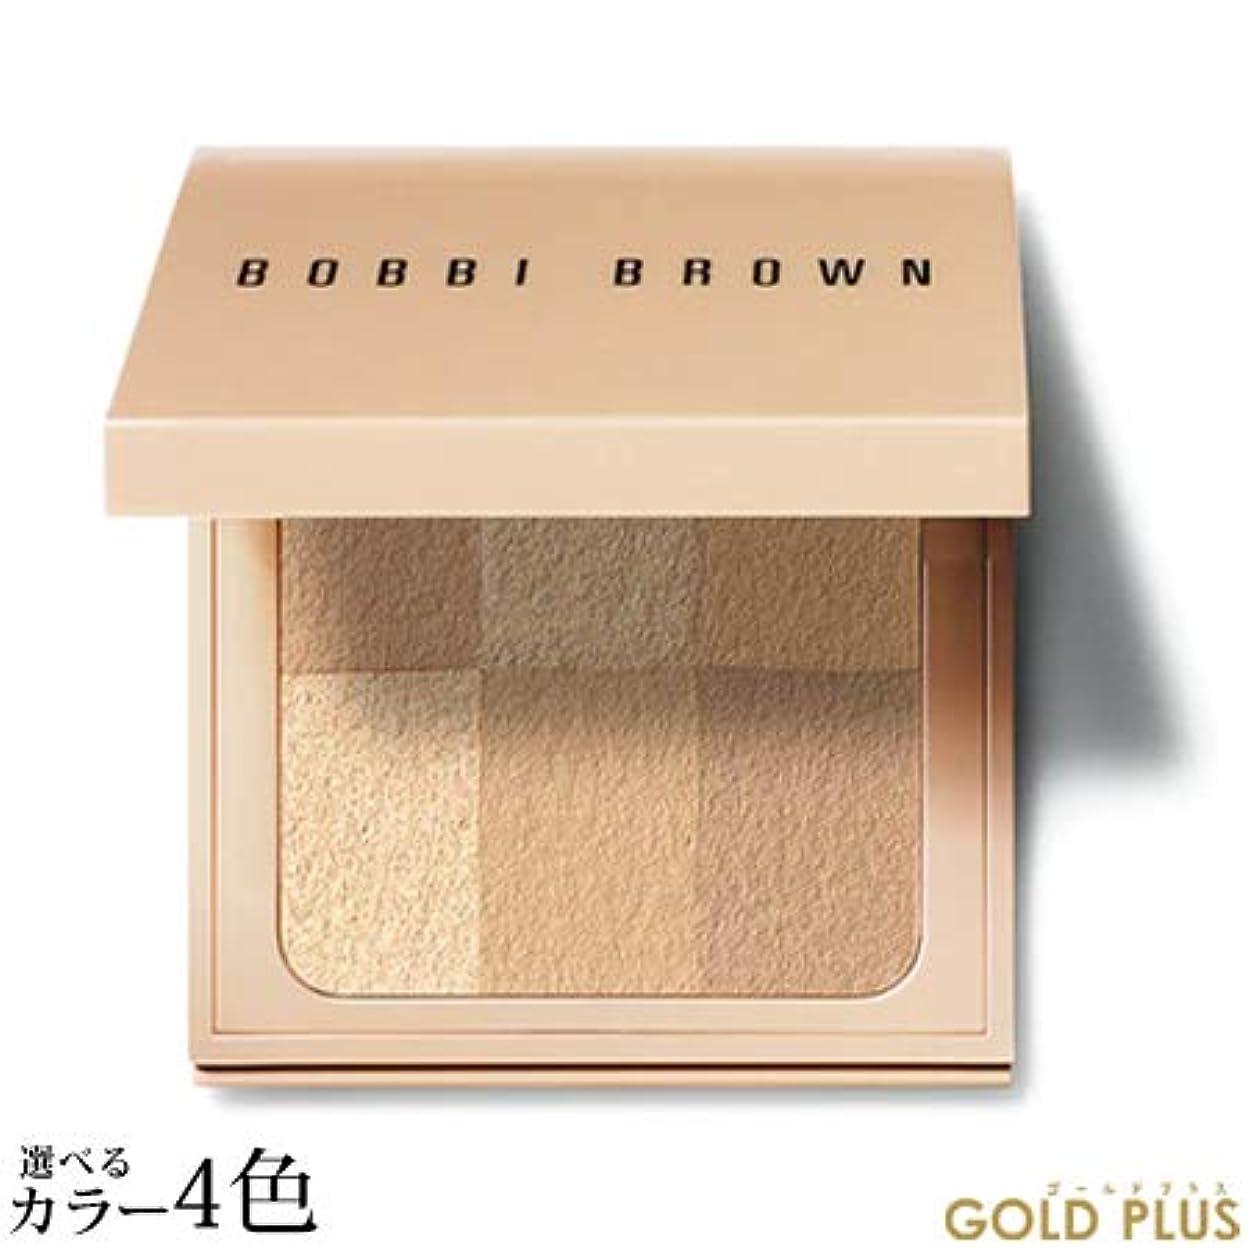 同意死の顎かまどボビイブラウン ヌード フィニッシュ イルミネイティング パウダー 選べる全4色 -BOBBI BROWN- 02:ベア